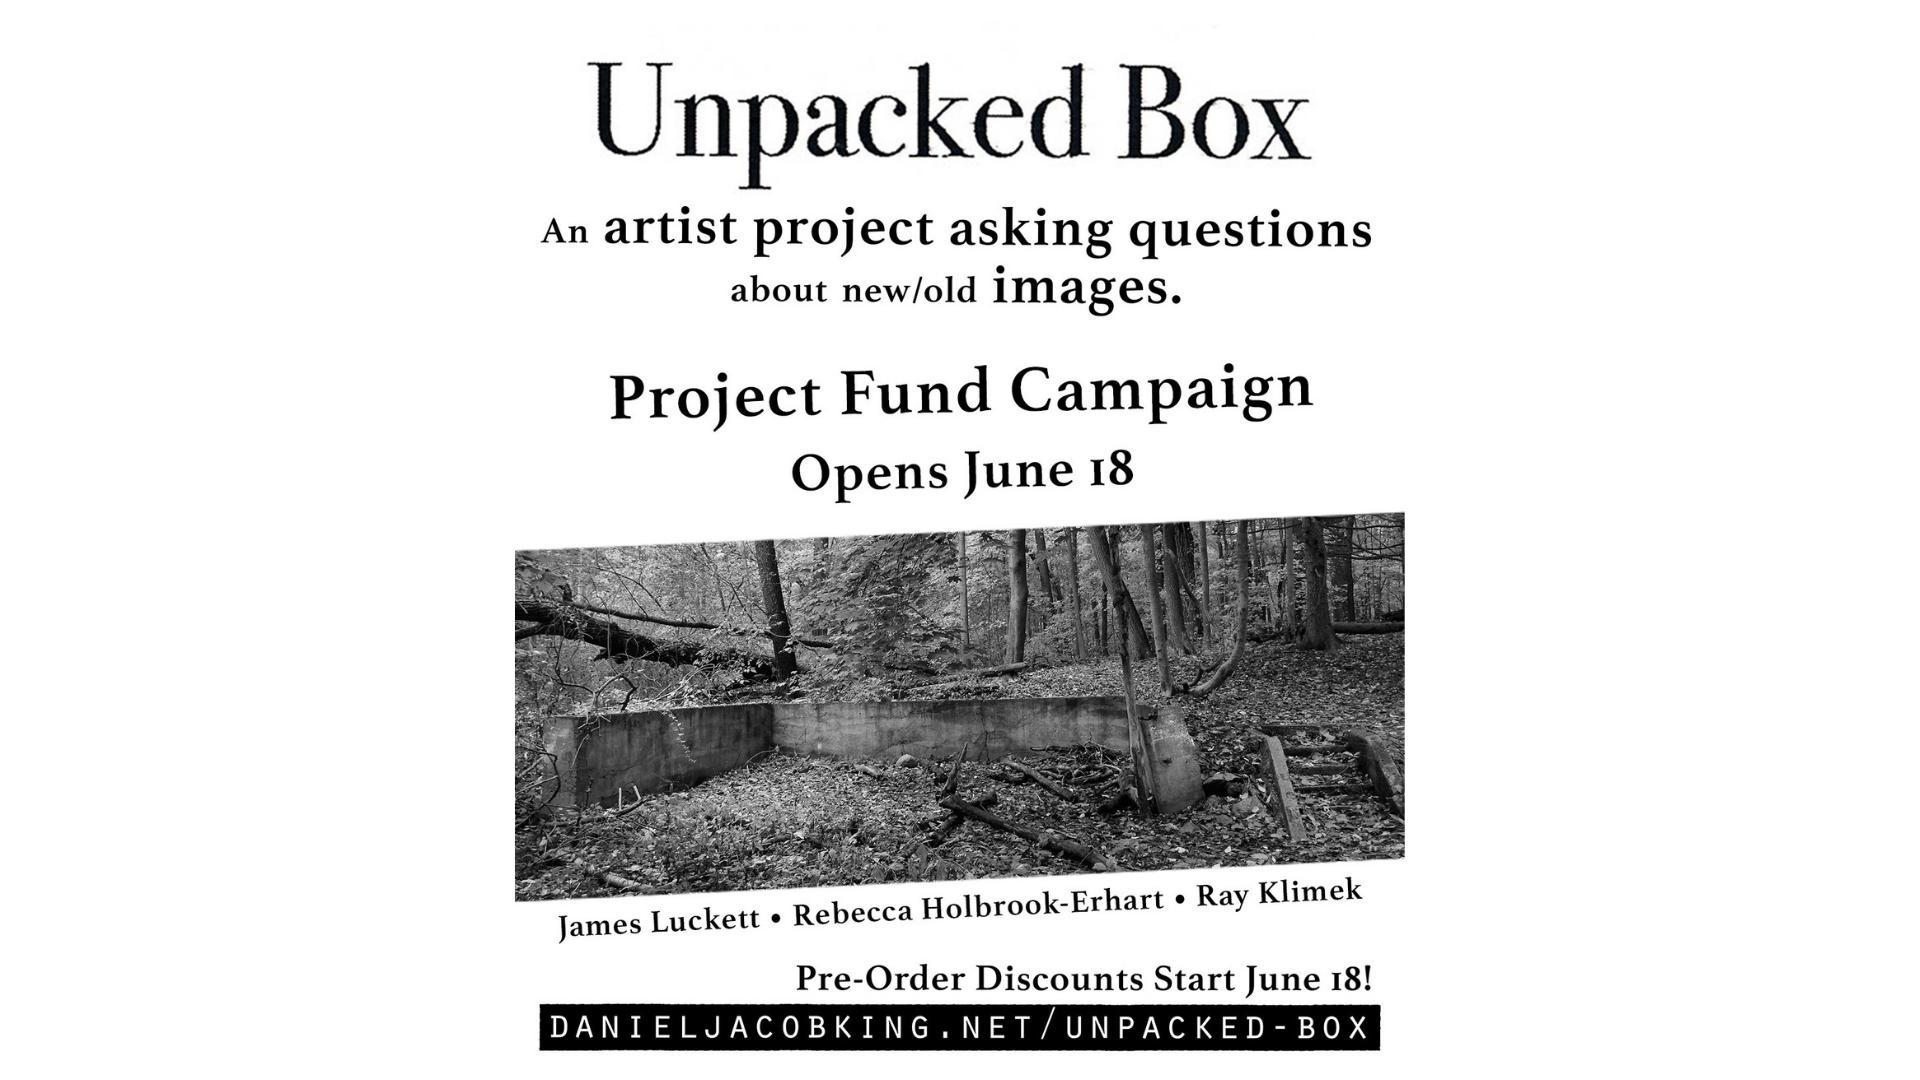 Unpacked Box